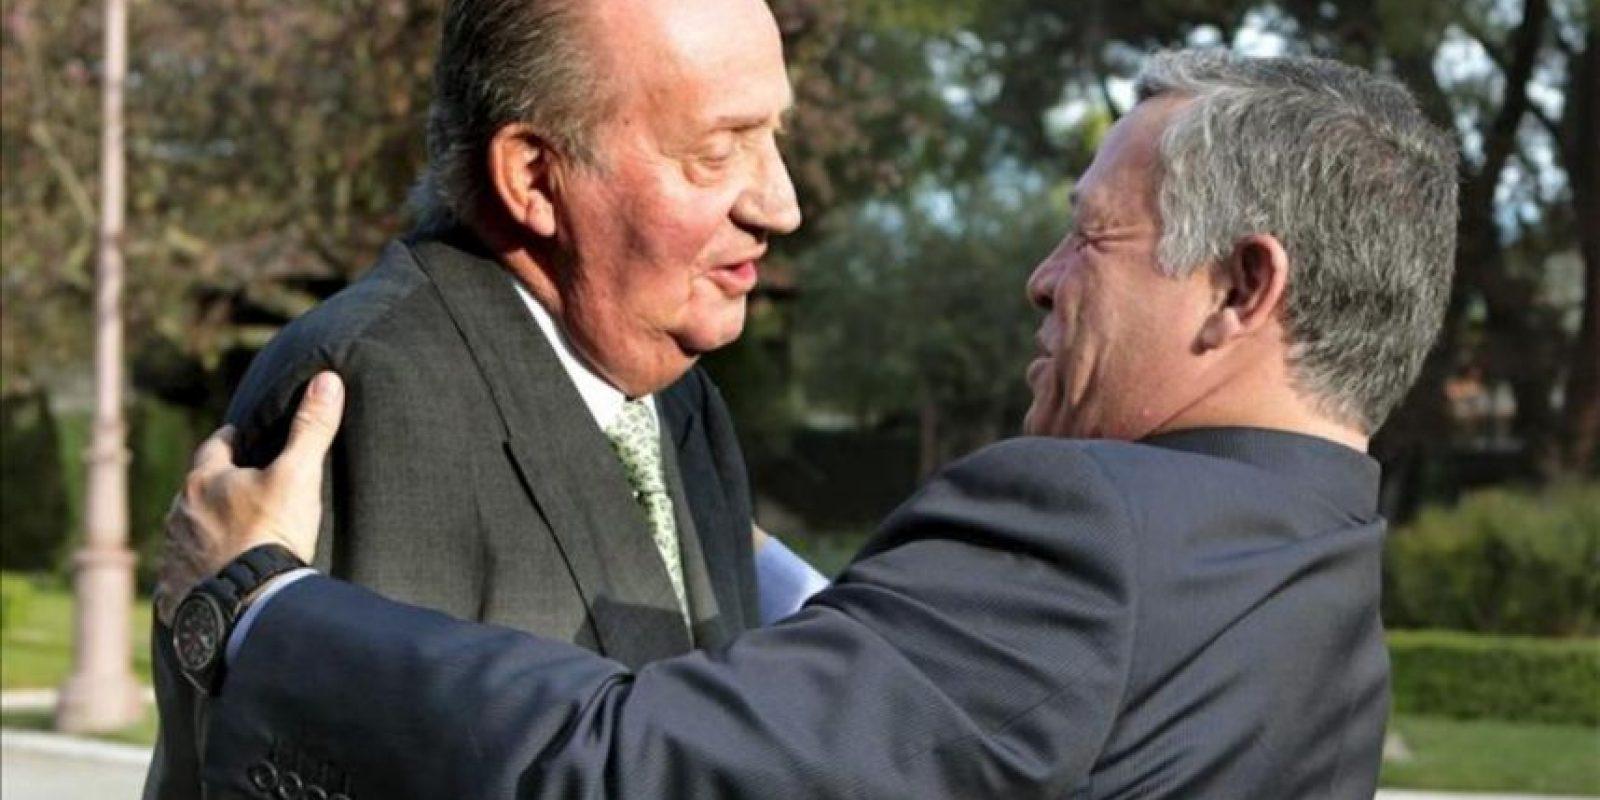 El rey Juan Carlos recibió hoy en su despacho al rey Abdalá II de Jordania, a quien ha dio la bienvenida a las puertas del Palacio de la Zarzuela, su residencia oficial en Madrid. EFE